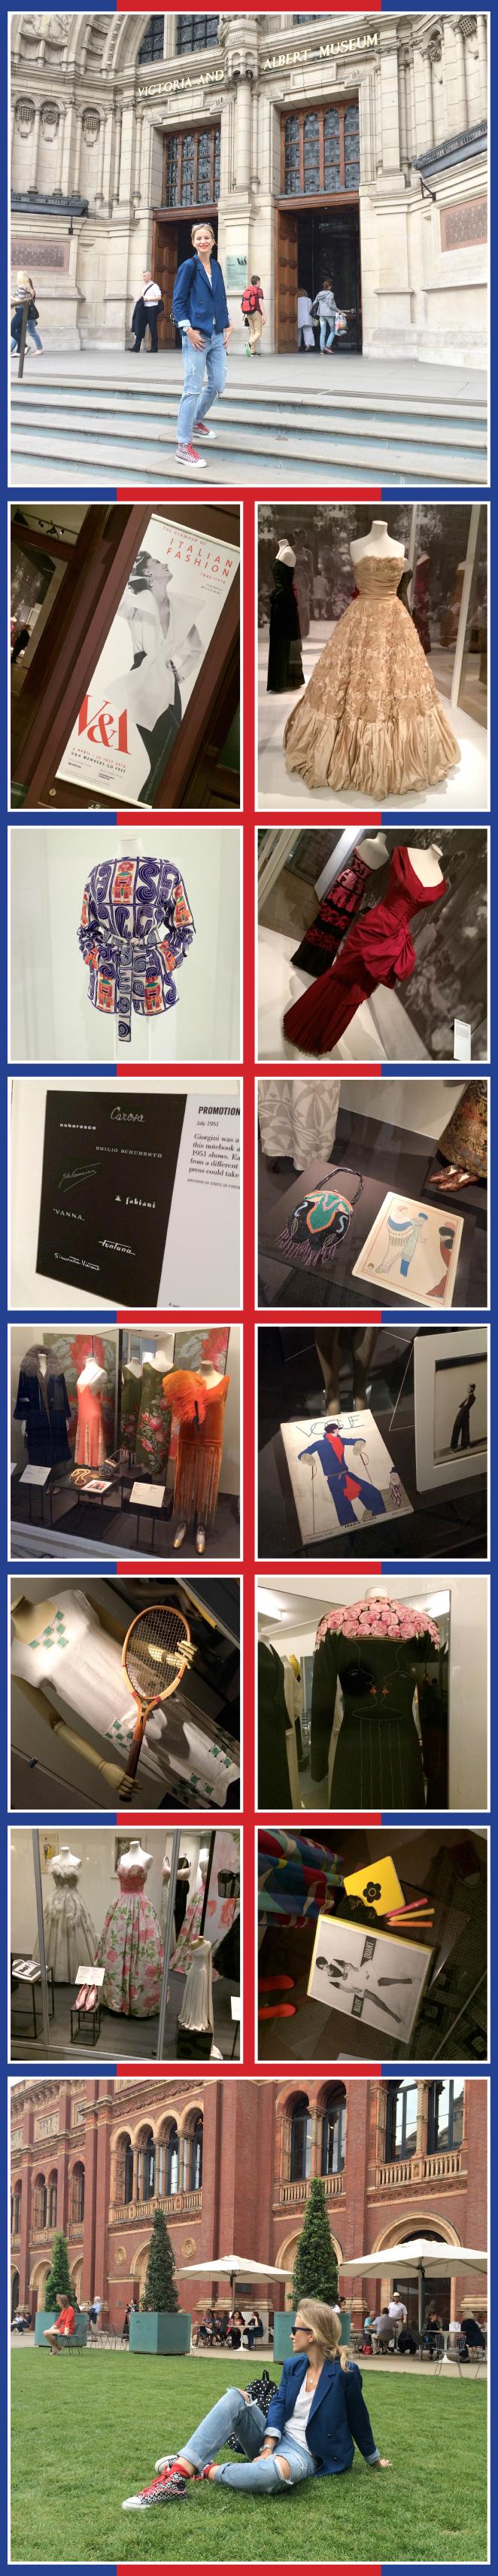 Historia de la moda en el Victoria & Albert de Londres